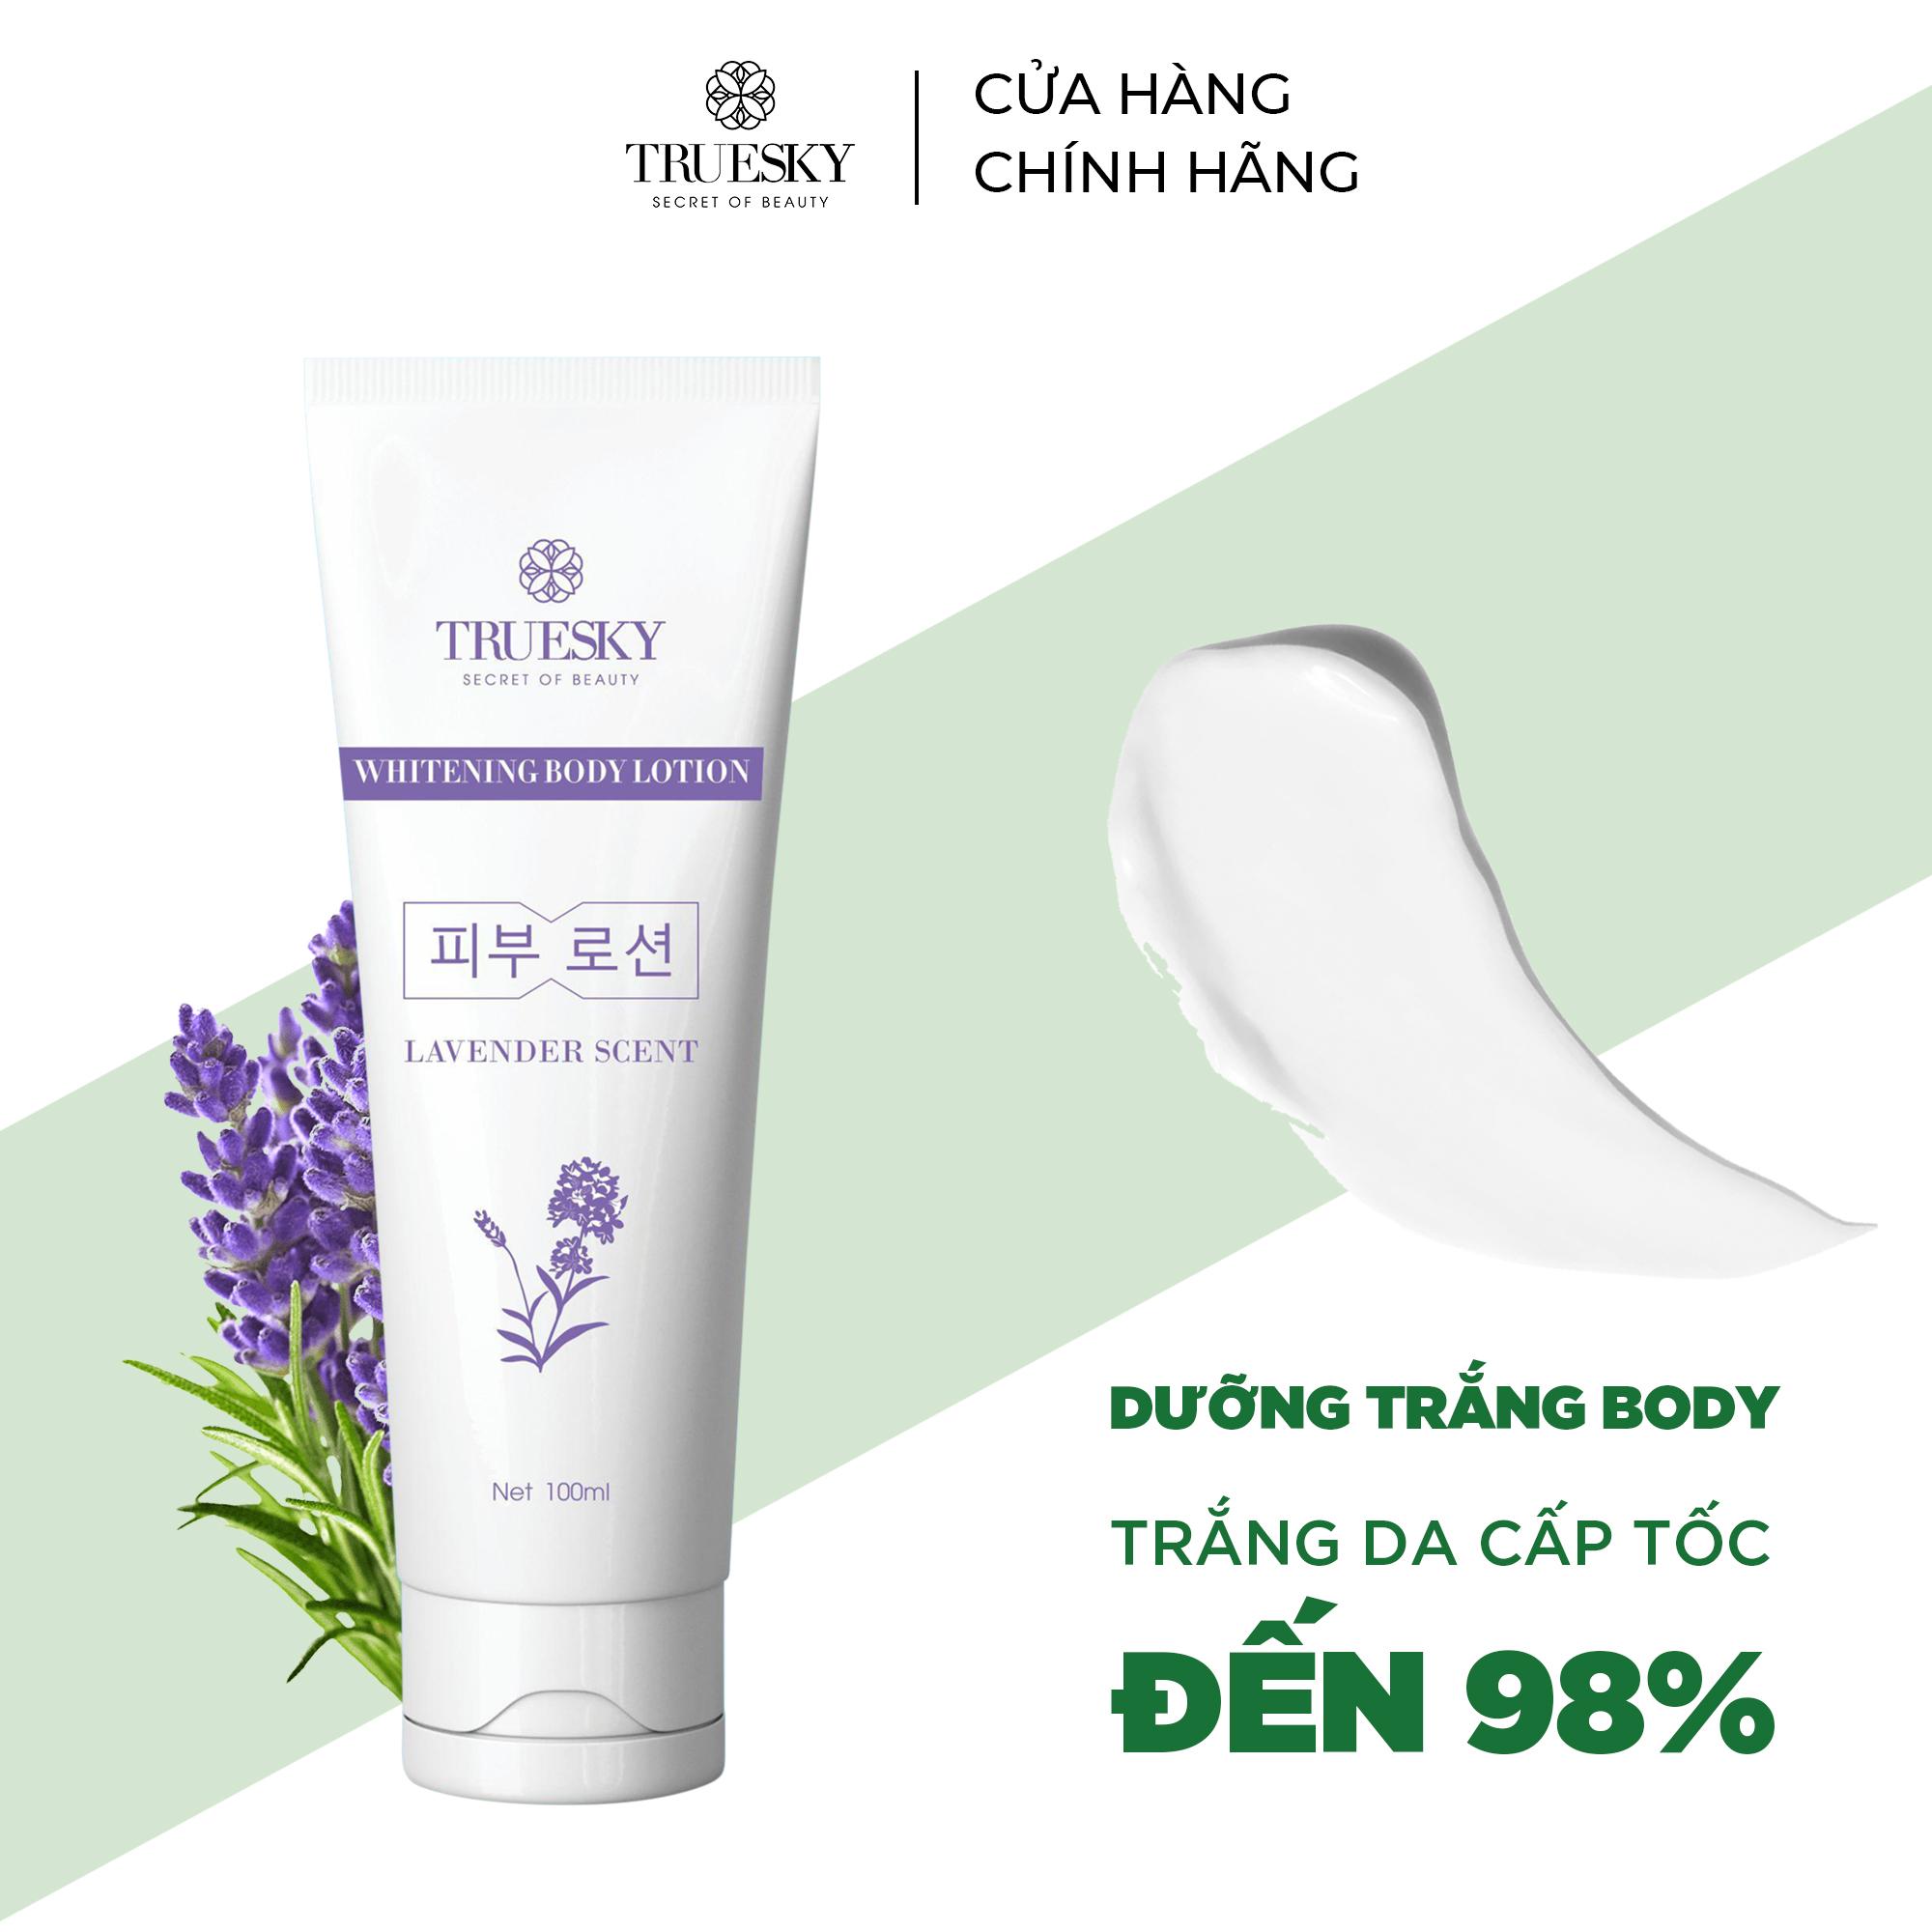 Kem body dưỡng trắng da Truesky dạng lotion hương nước hoa Lavender chính hãng 100ml – Whitening Body Lotion